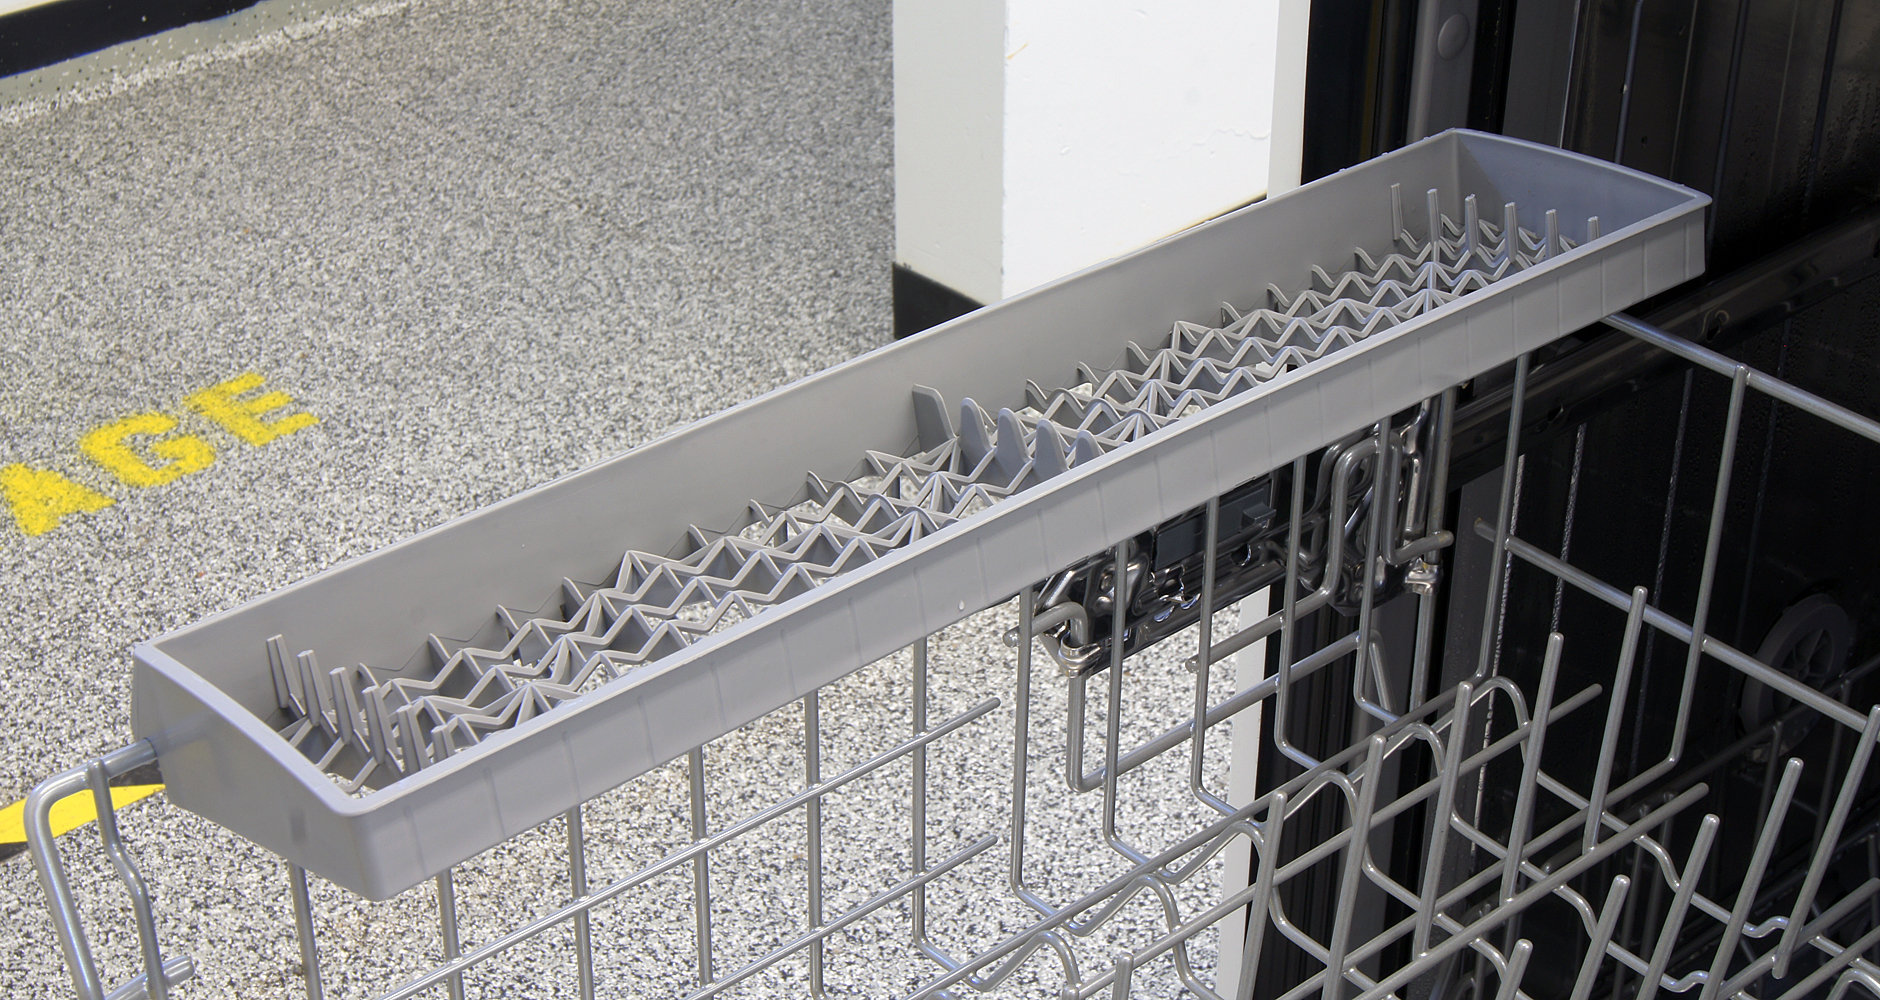 Bosch SHS5AV55UC silverware tray